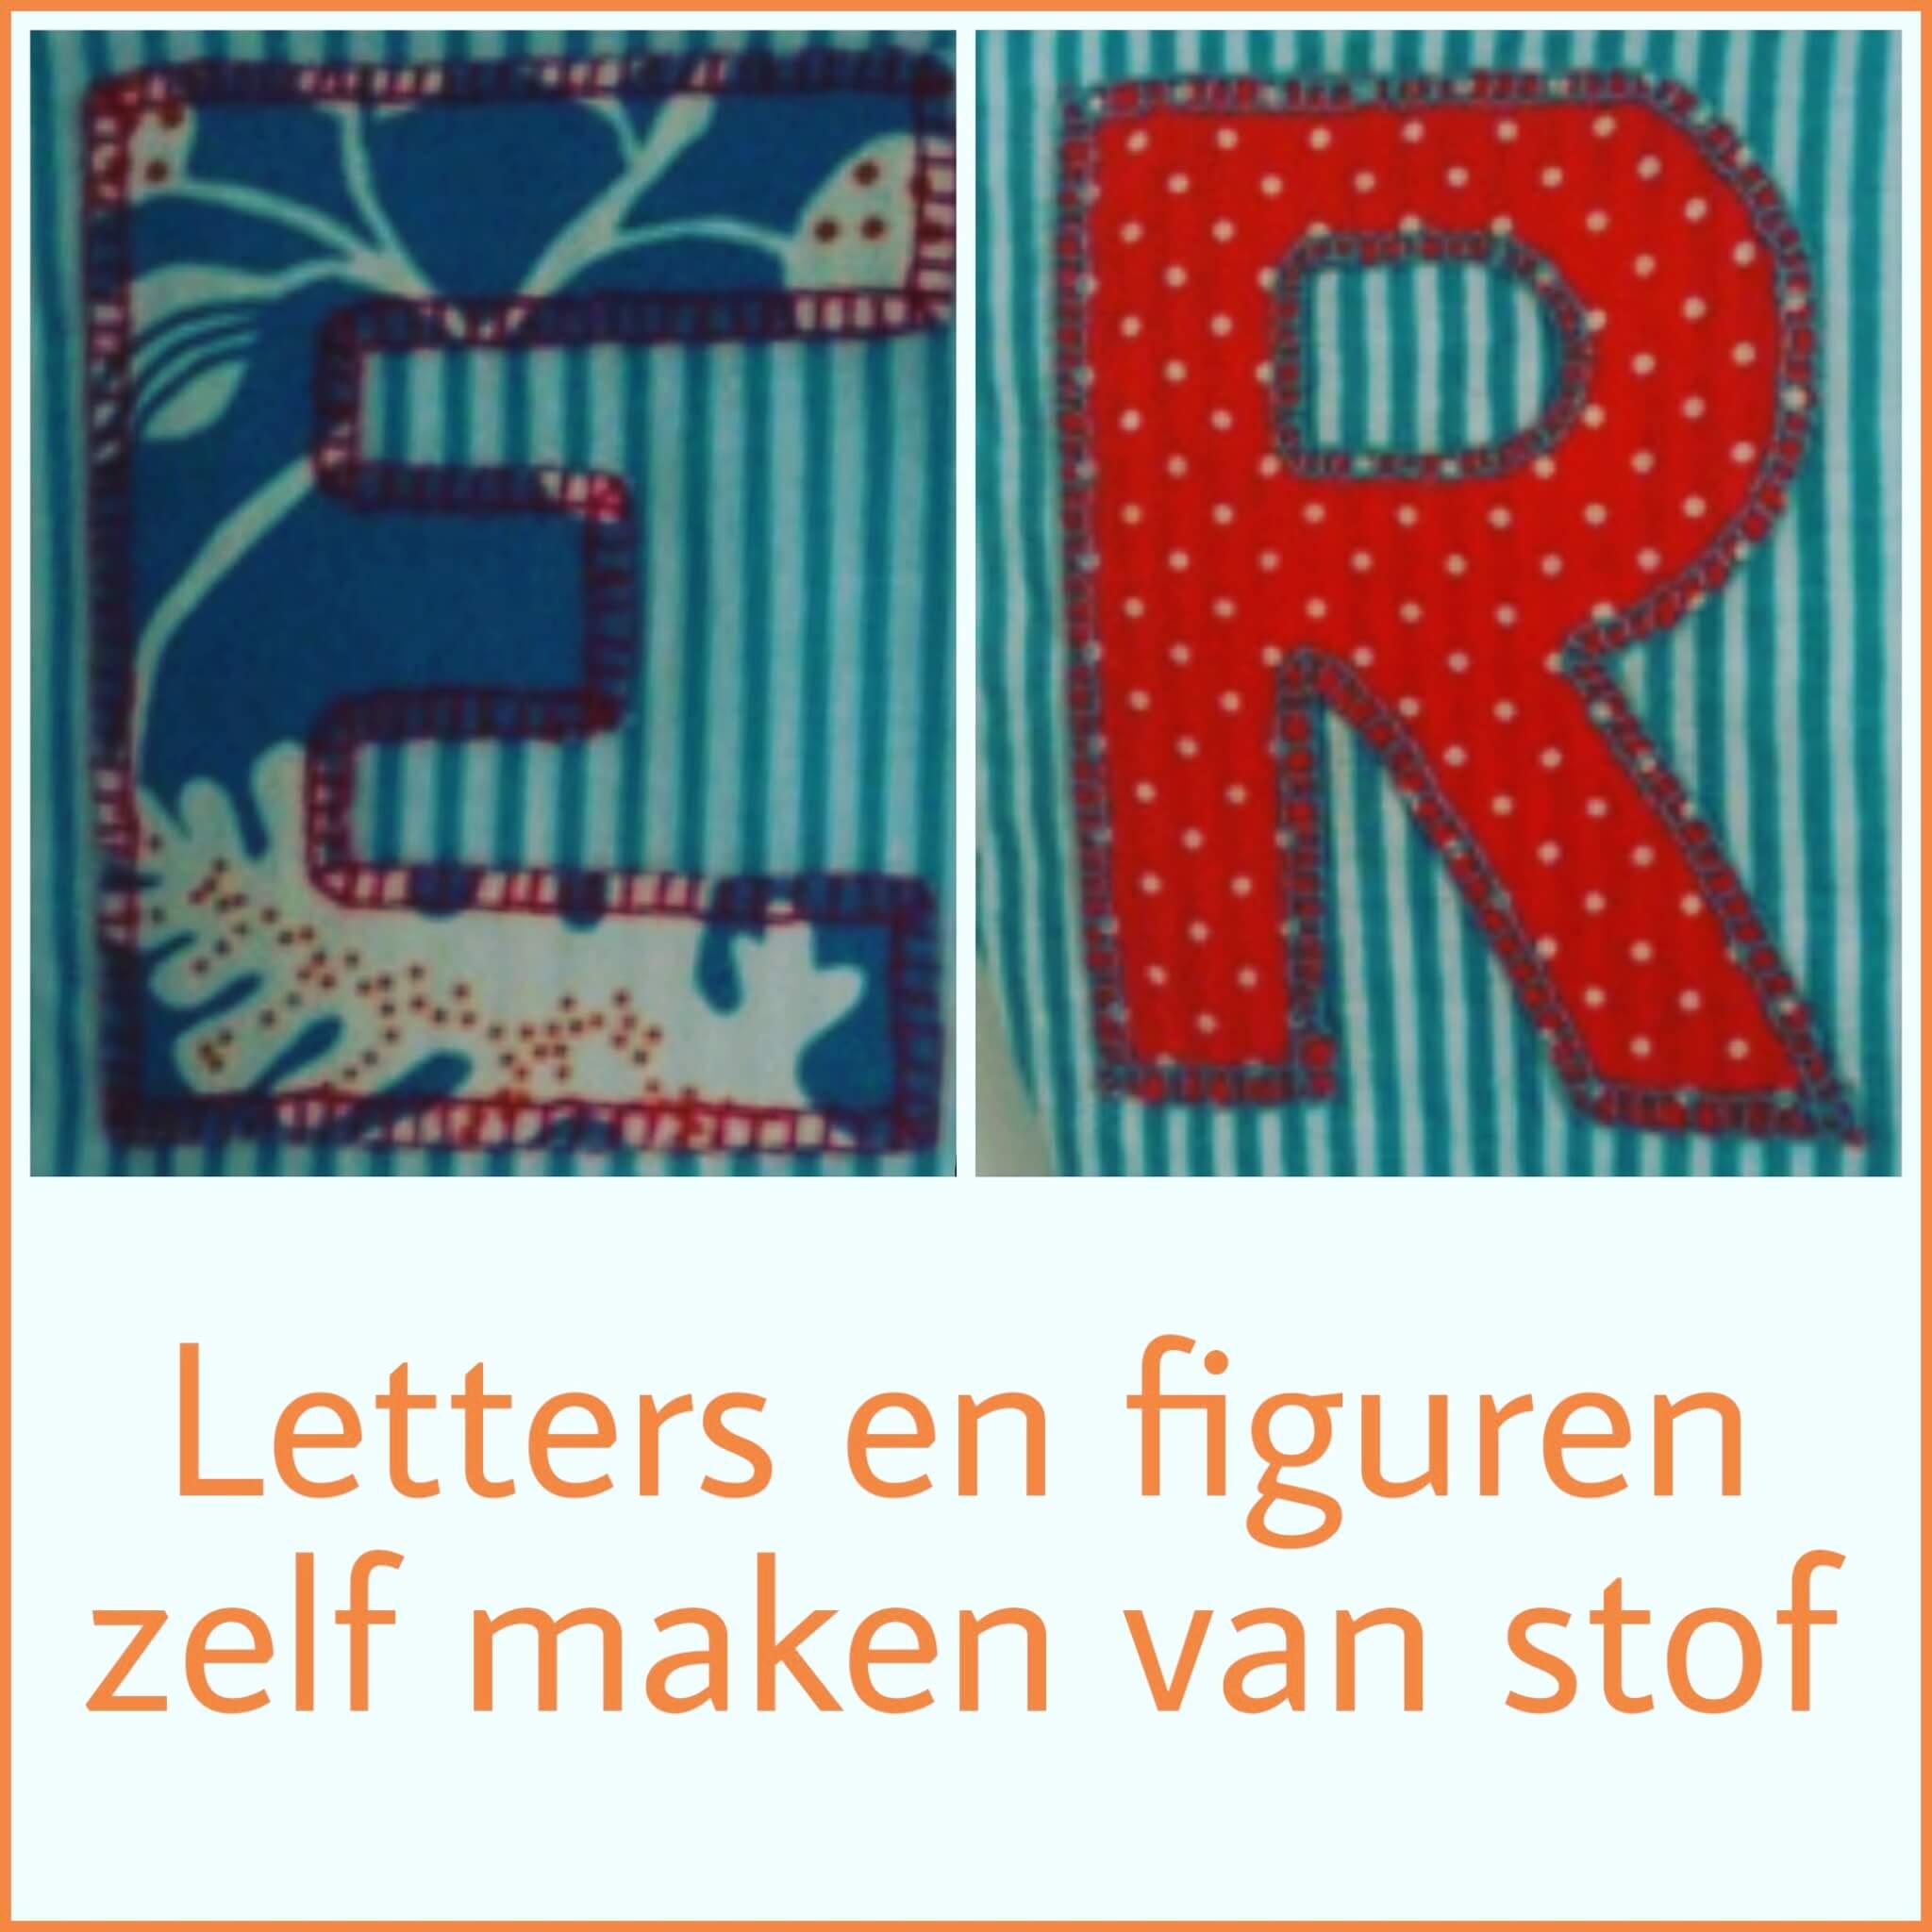 Letters en figuren zelf maken van stof